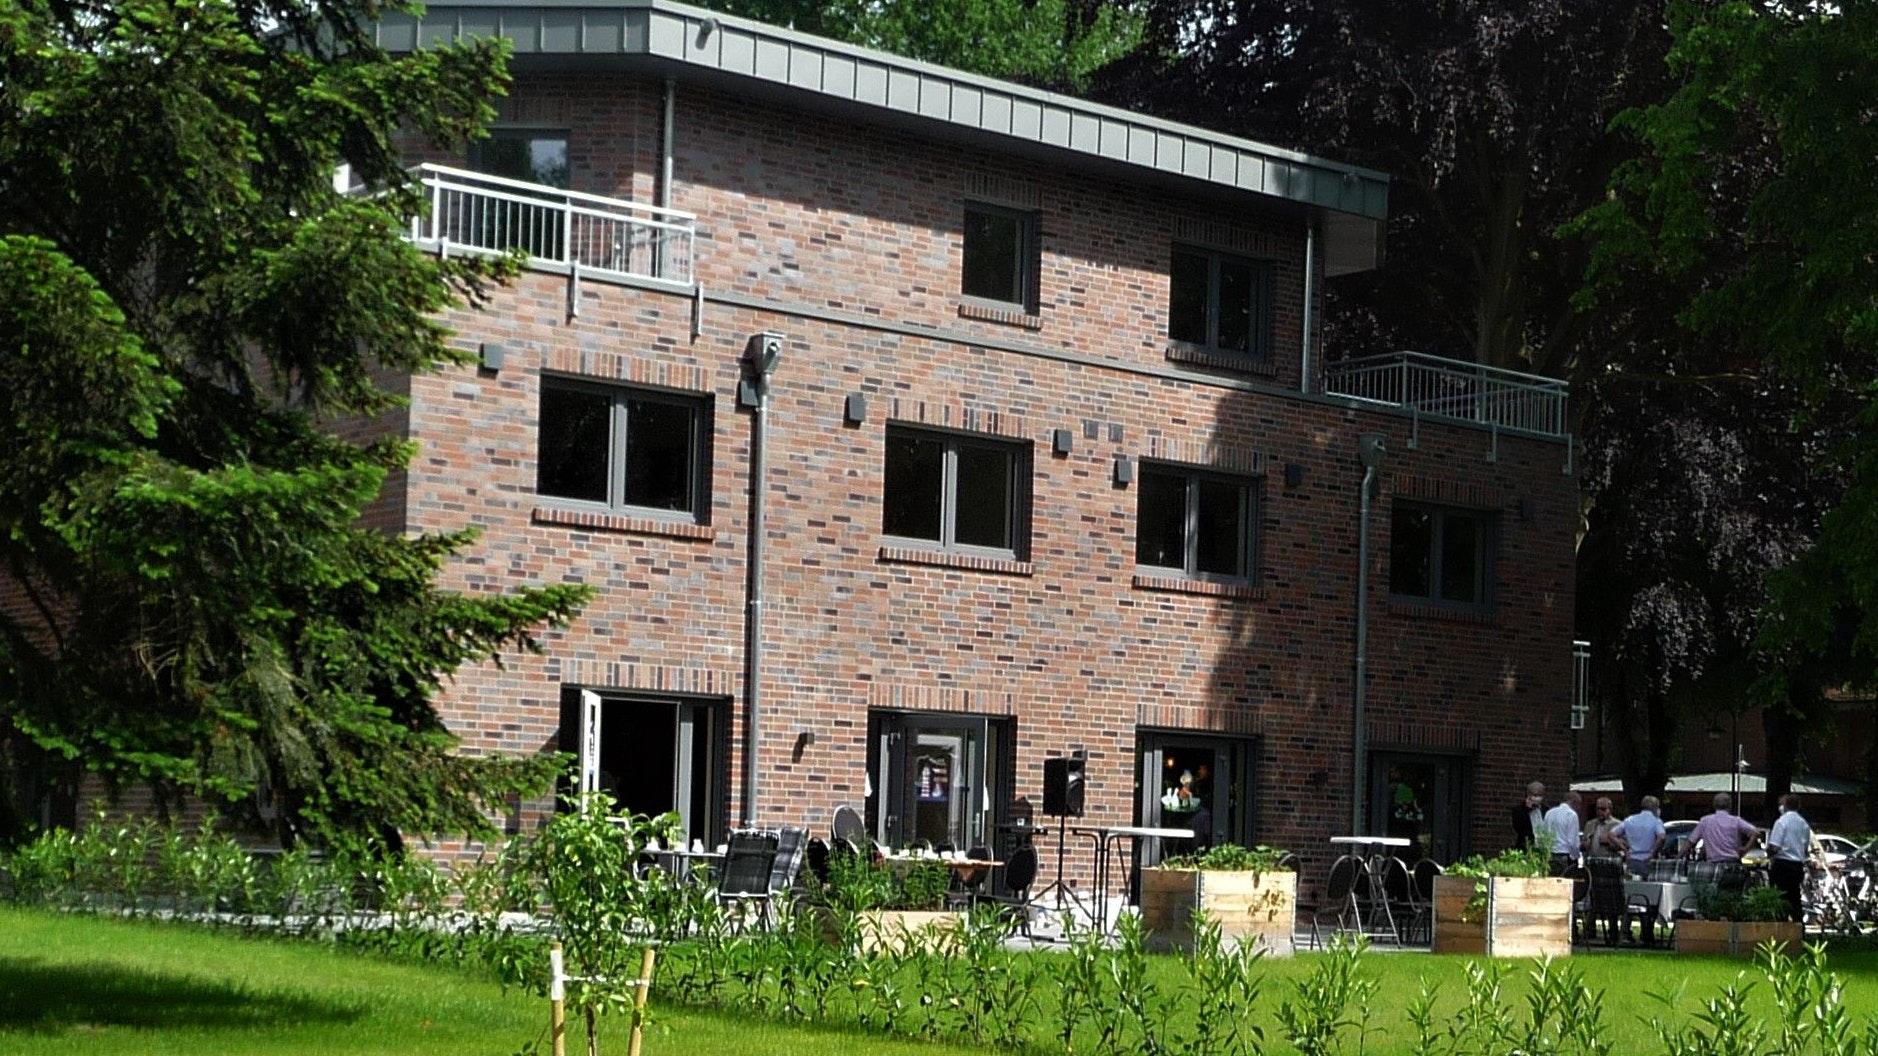 Das neue Seniorenzentrum in Gehlenberg wurde am Freitagabend eingeweiht. Es verfügt über eine Tagespflege mit 18 Plätzen, eine betreute ambulante Wohngemeinschaft und 5 Wohnungen für betreutes Wohnen. Foto: Funke